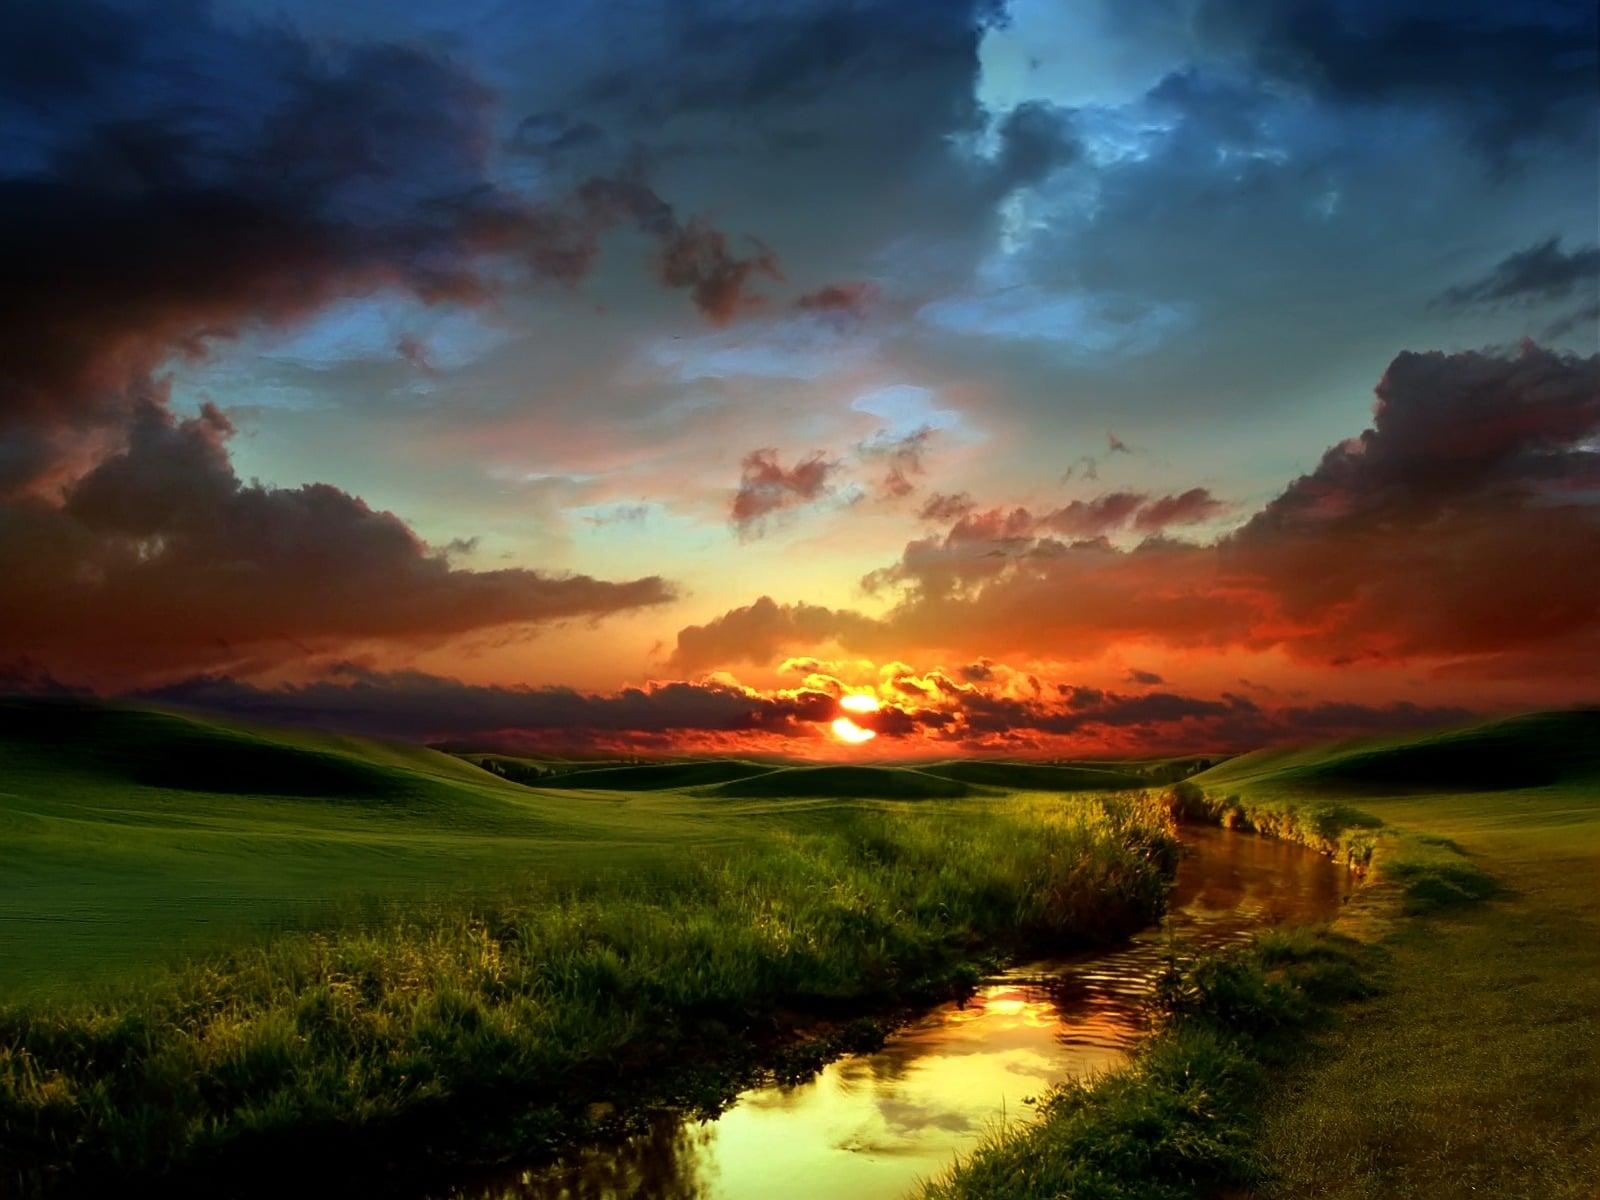 Gün Batımının Muhteşem Renkleri